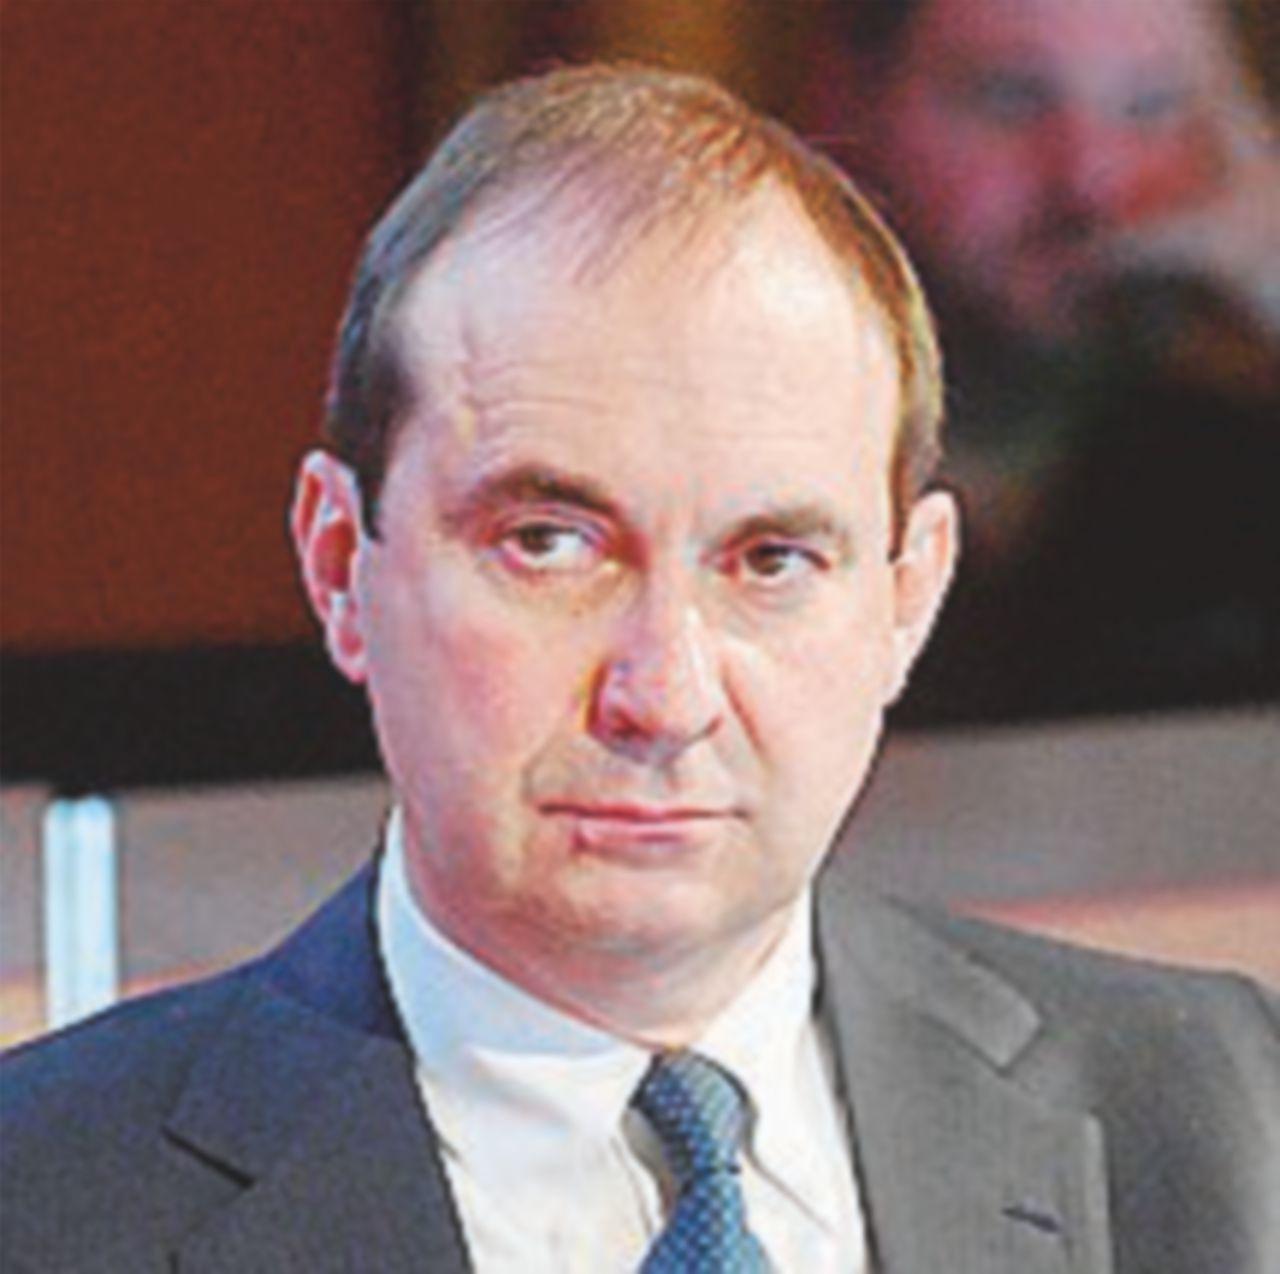 Banca Carige, CdA sfiducia amministratore delegato Bastianini